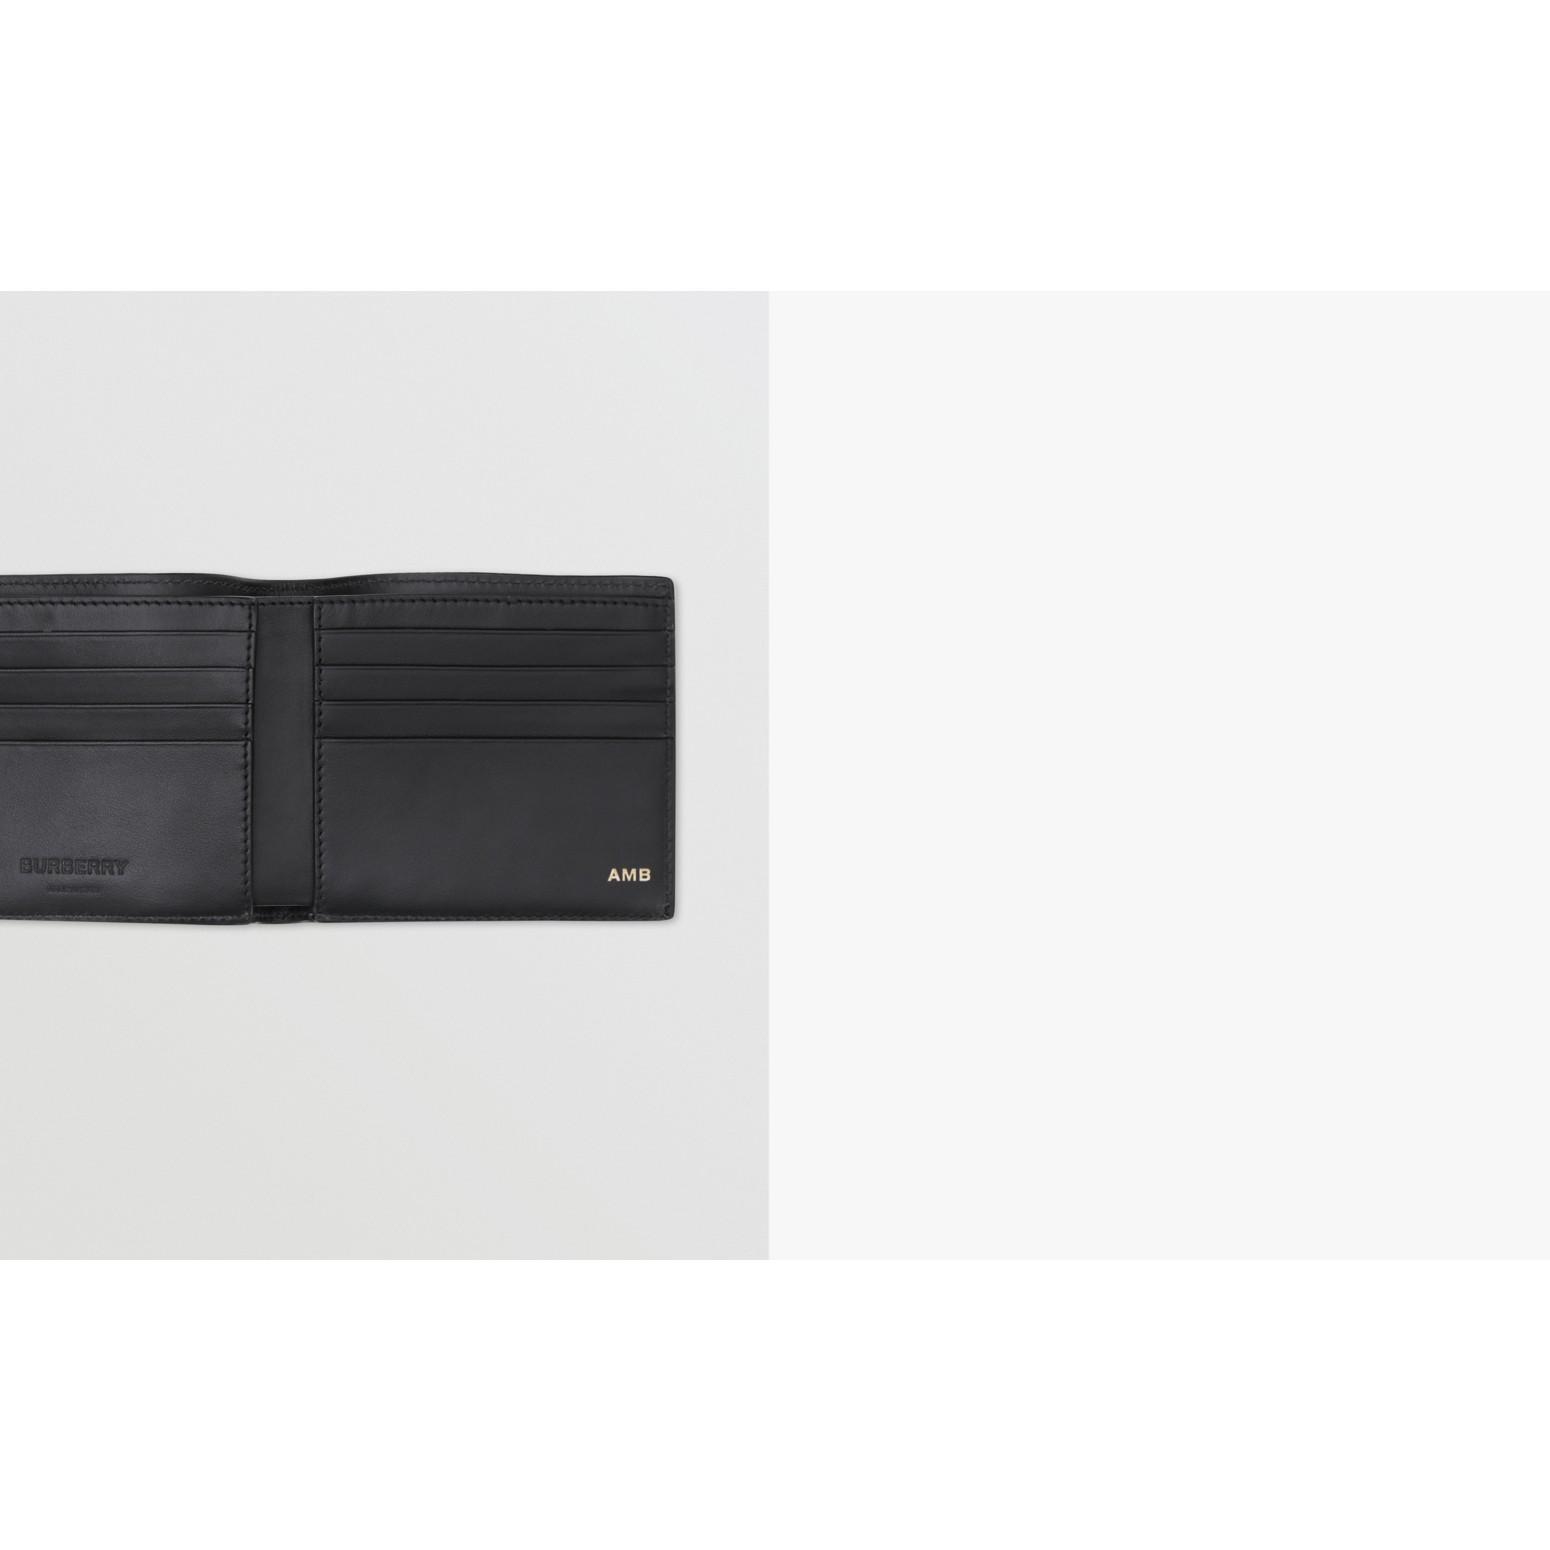 ロゴ&アイコンストライププリント インターナショナル バイフォールドウォレット (ブラック) | バーバリー - ギャラリーイメージ 1